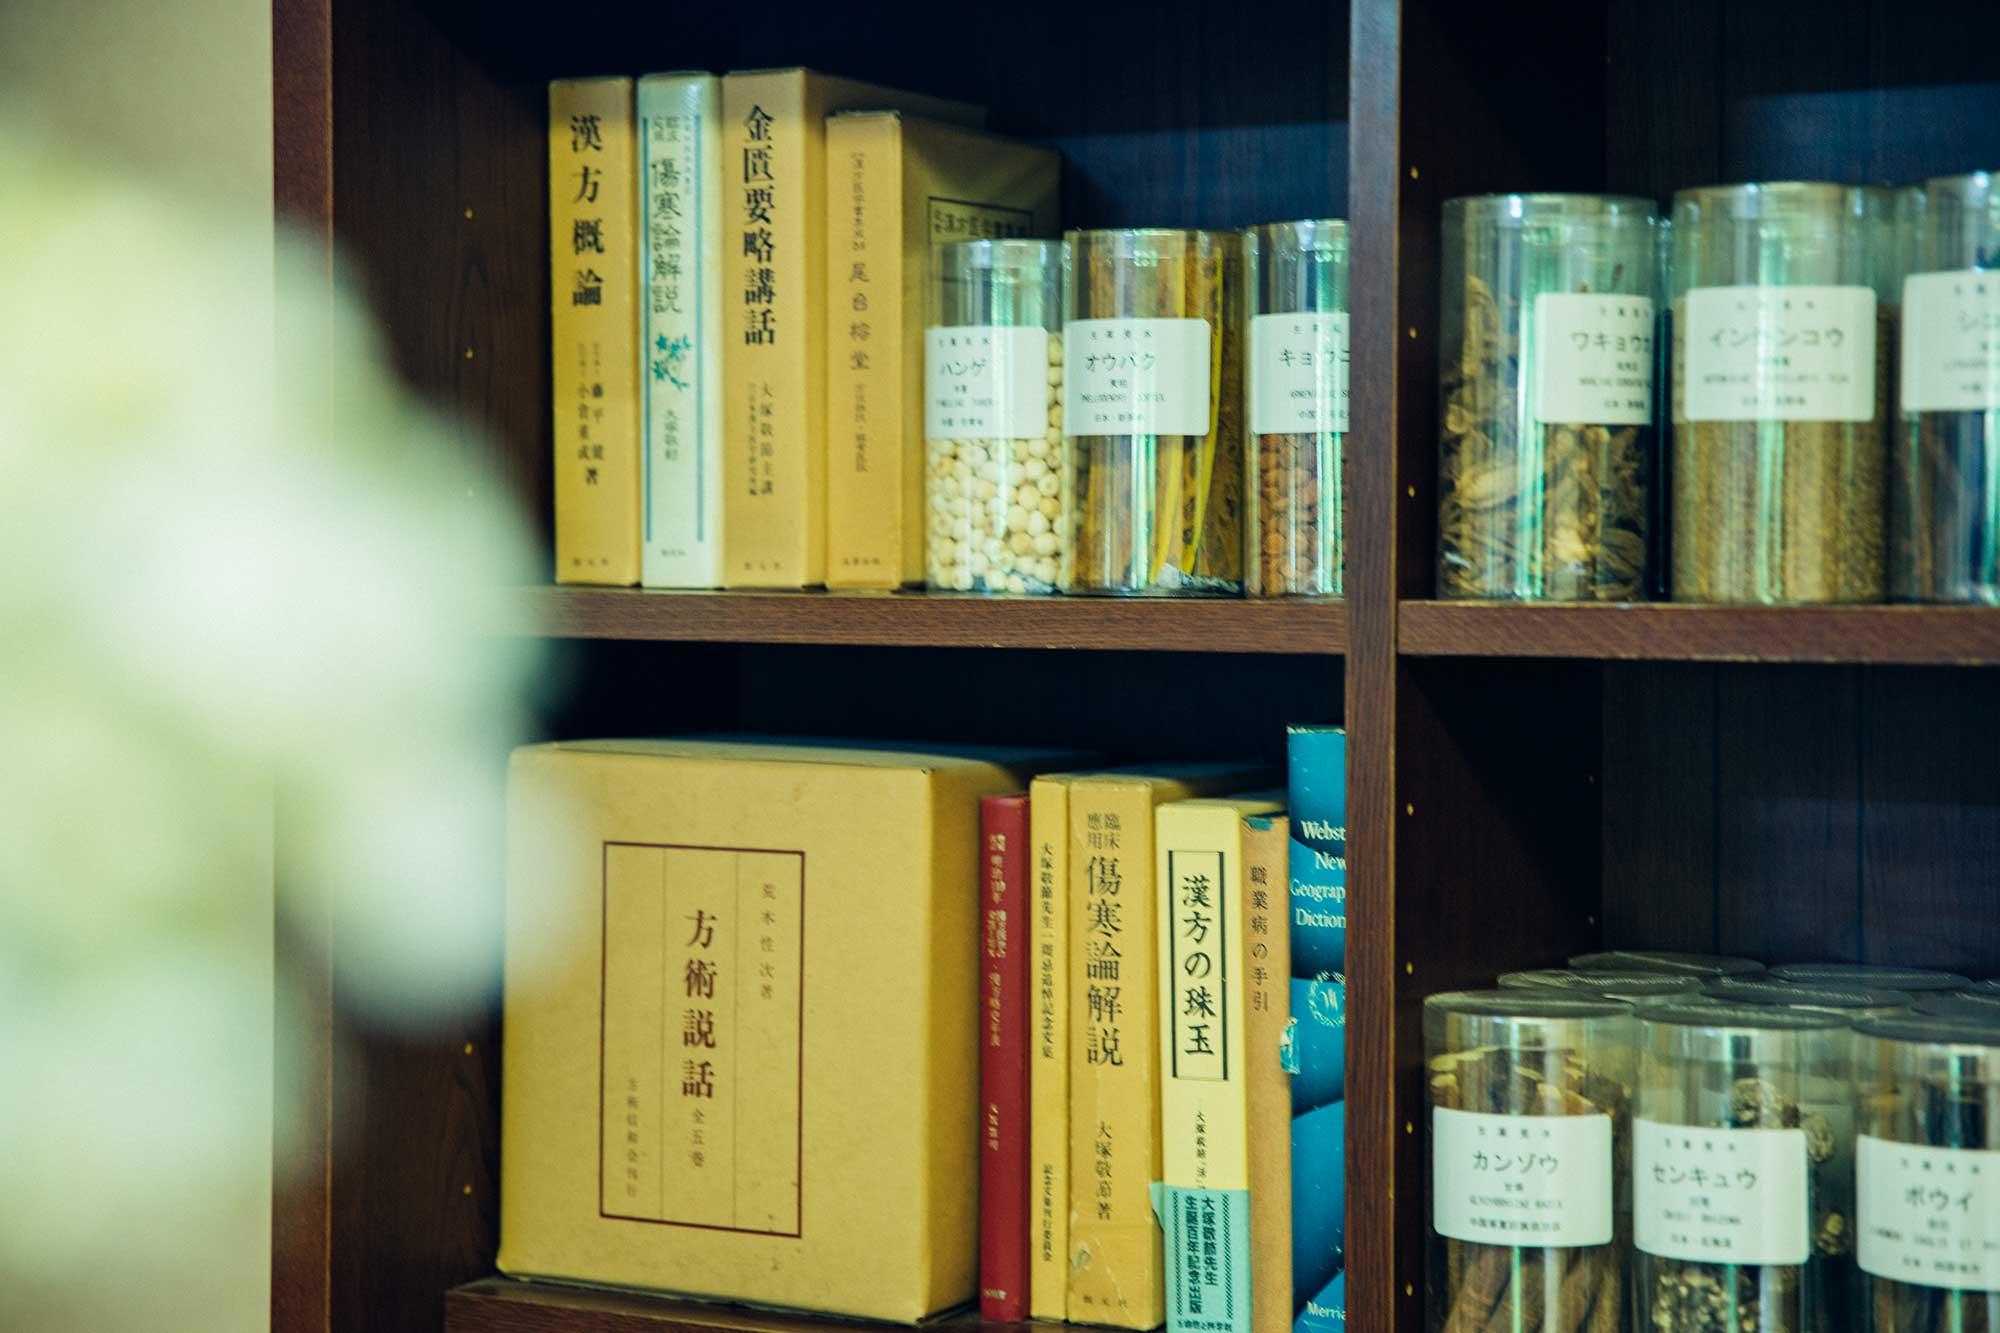 生薬と本が並ぶ棚。